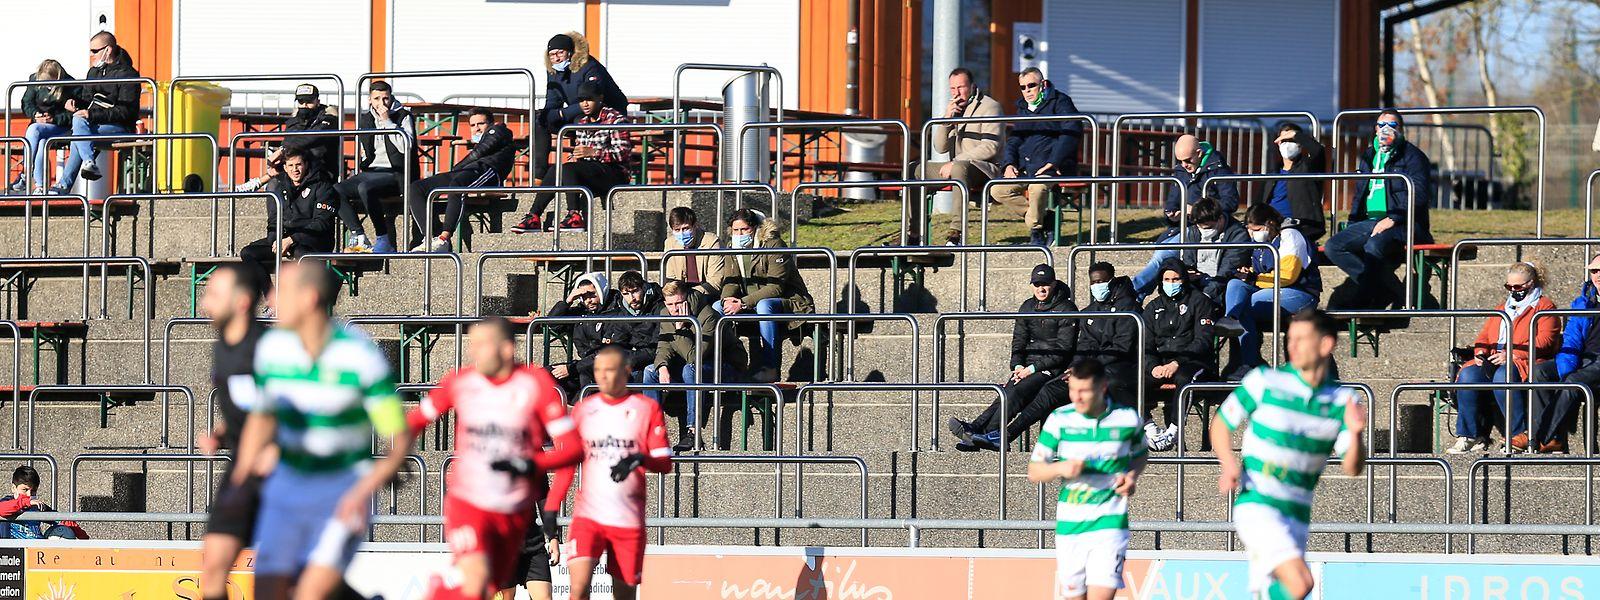 Der FC Swift Hesperingen und die anderen Vereine der BGL Ligue dürfen keine Getränke und kein Essen verkaufen.